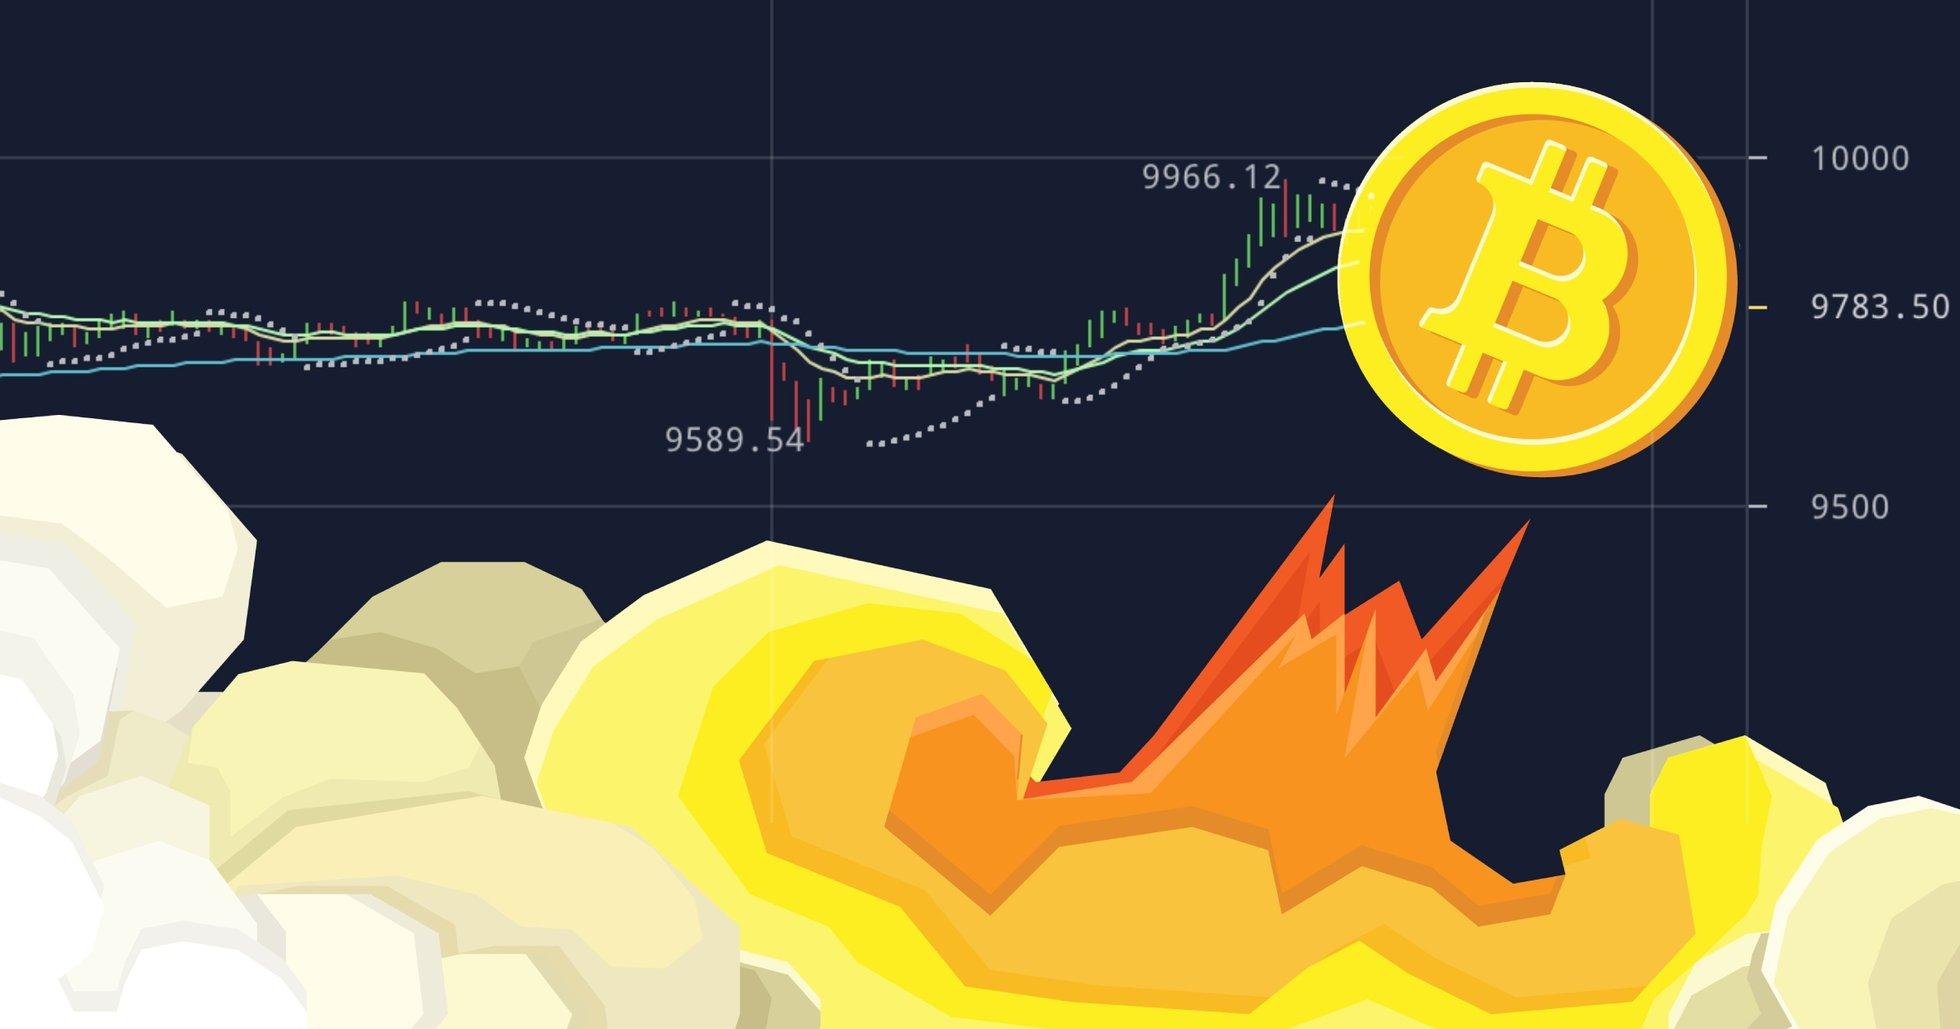 Expert när bitcoinpriset nosar på 10 000 dollar: Mest positiva indikatorn sedan 2017